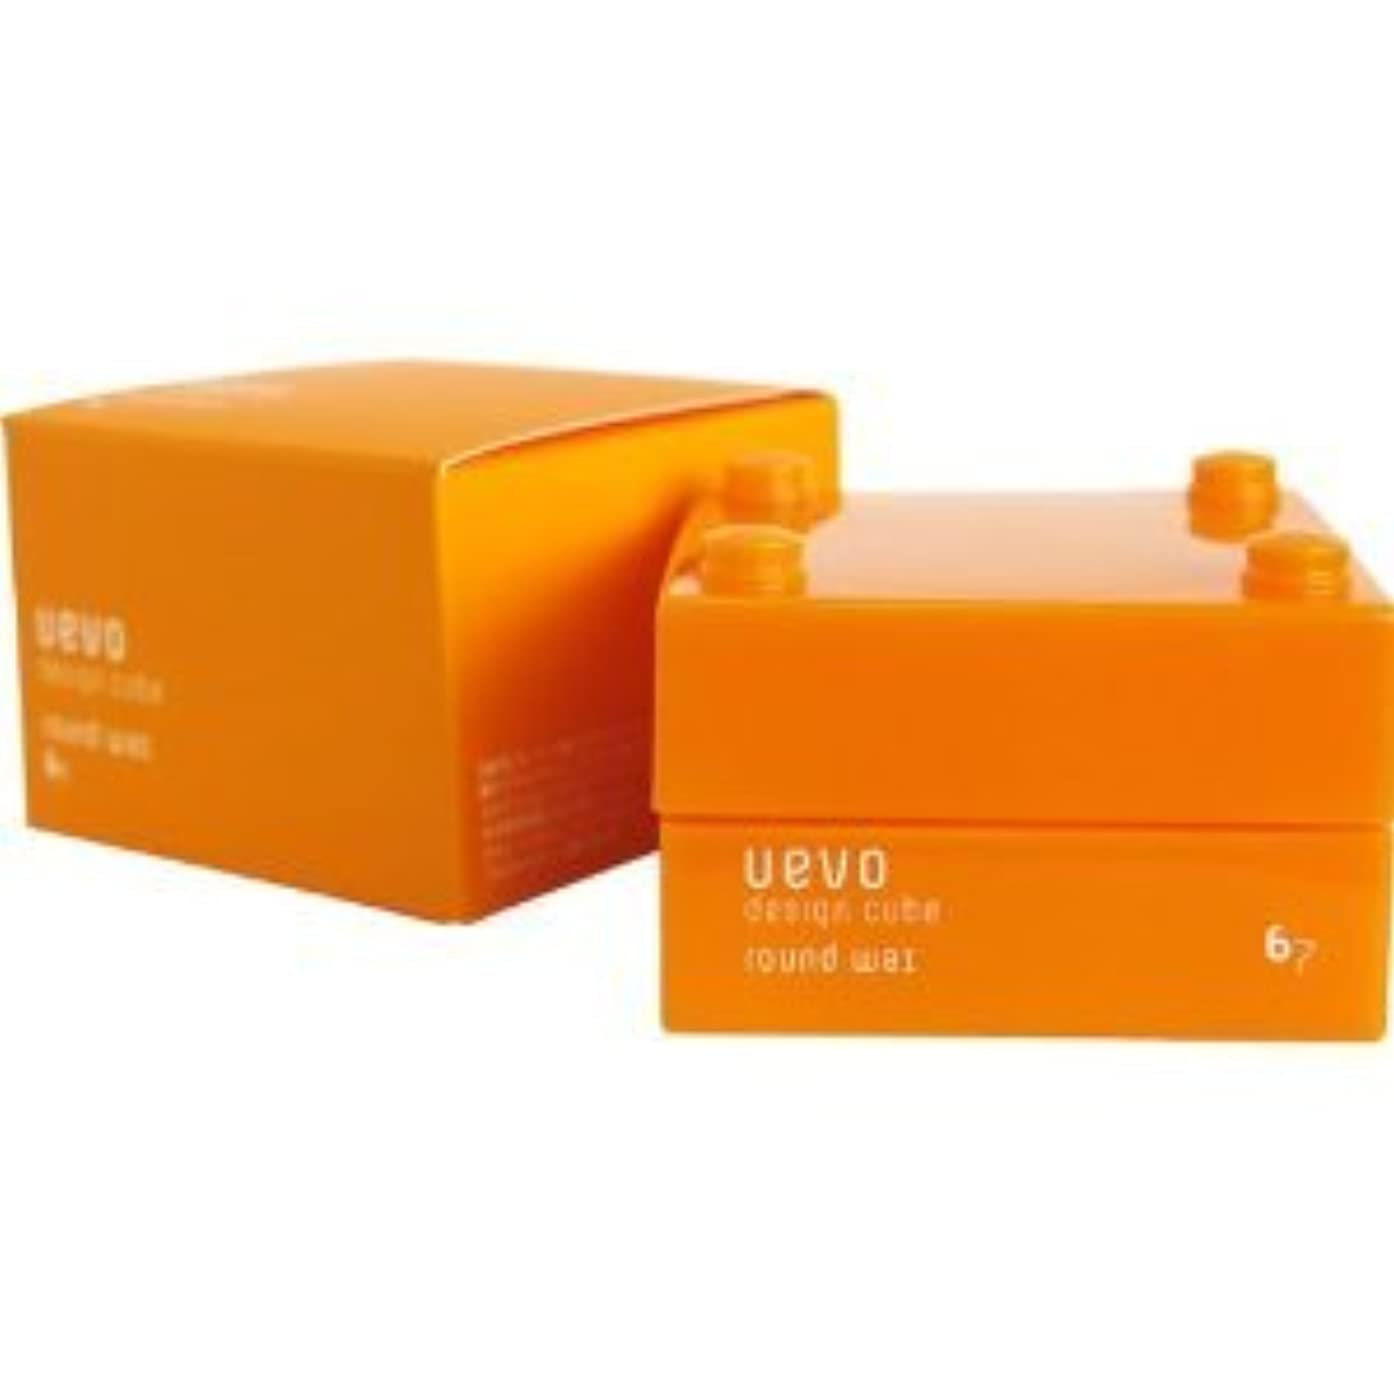 透けて見える精算より良いデミ ウェーボ デザインキューブ ラウンドワックス 30g round wax DEMI uevo design cube